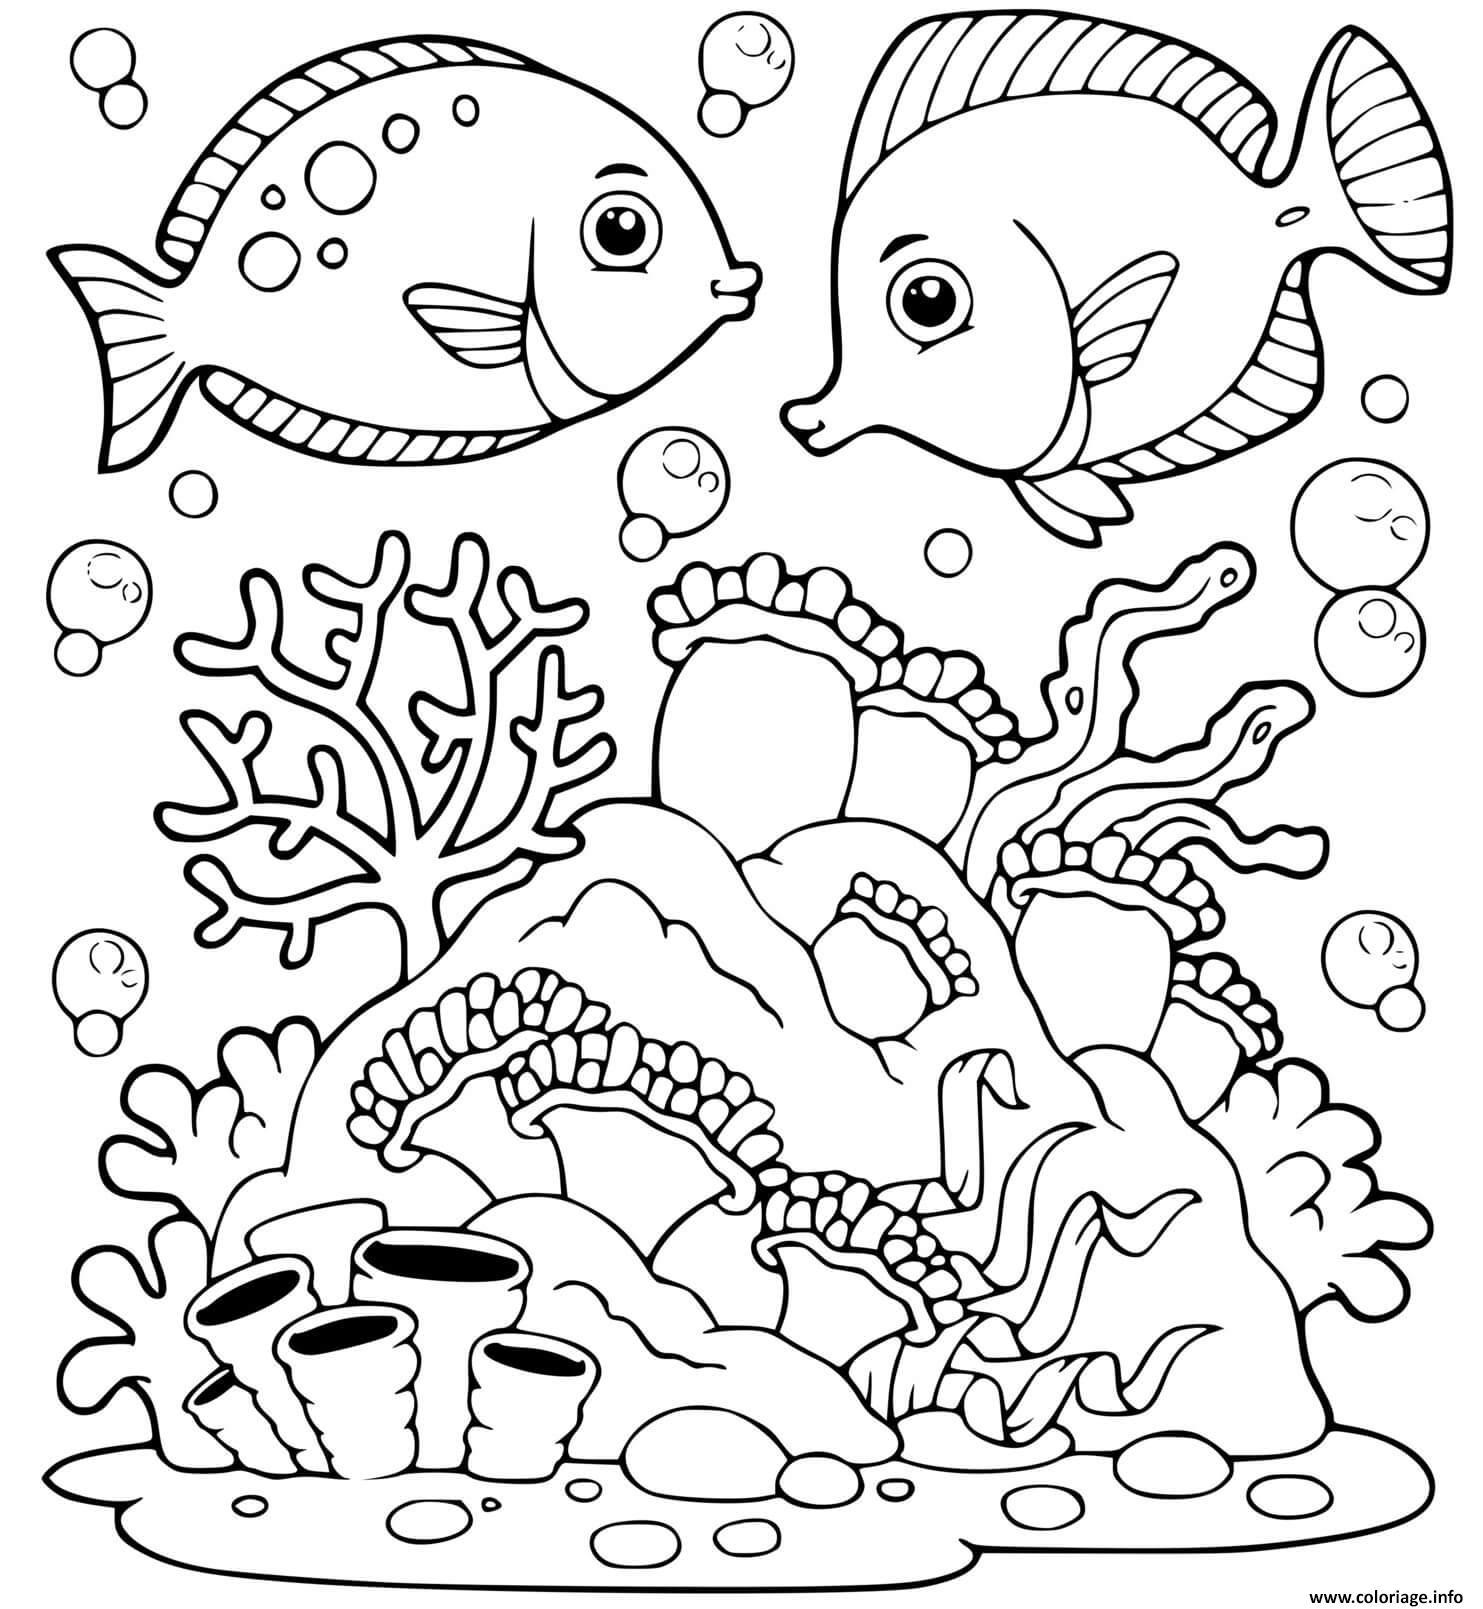 Dessin monde marin Coloriage Gratuit à Imprimer